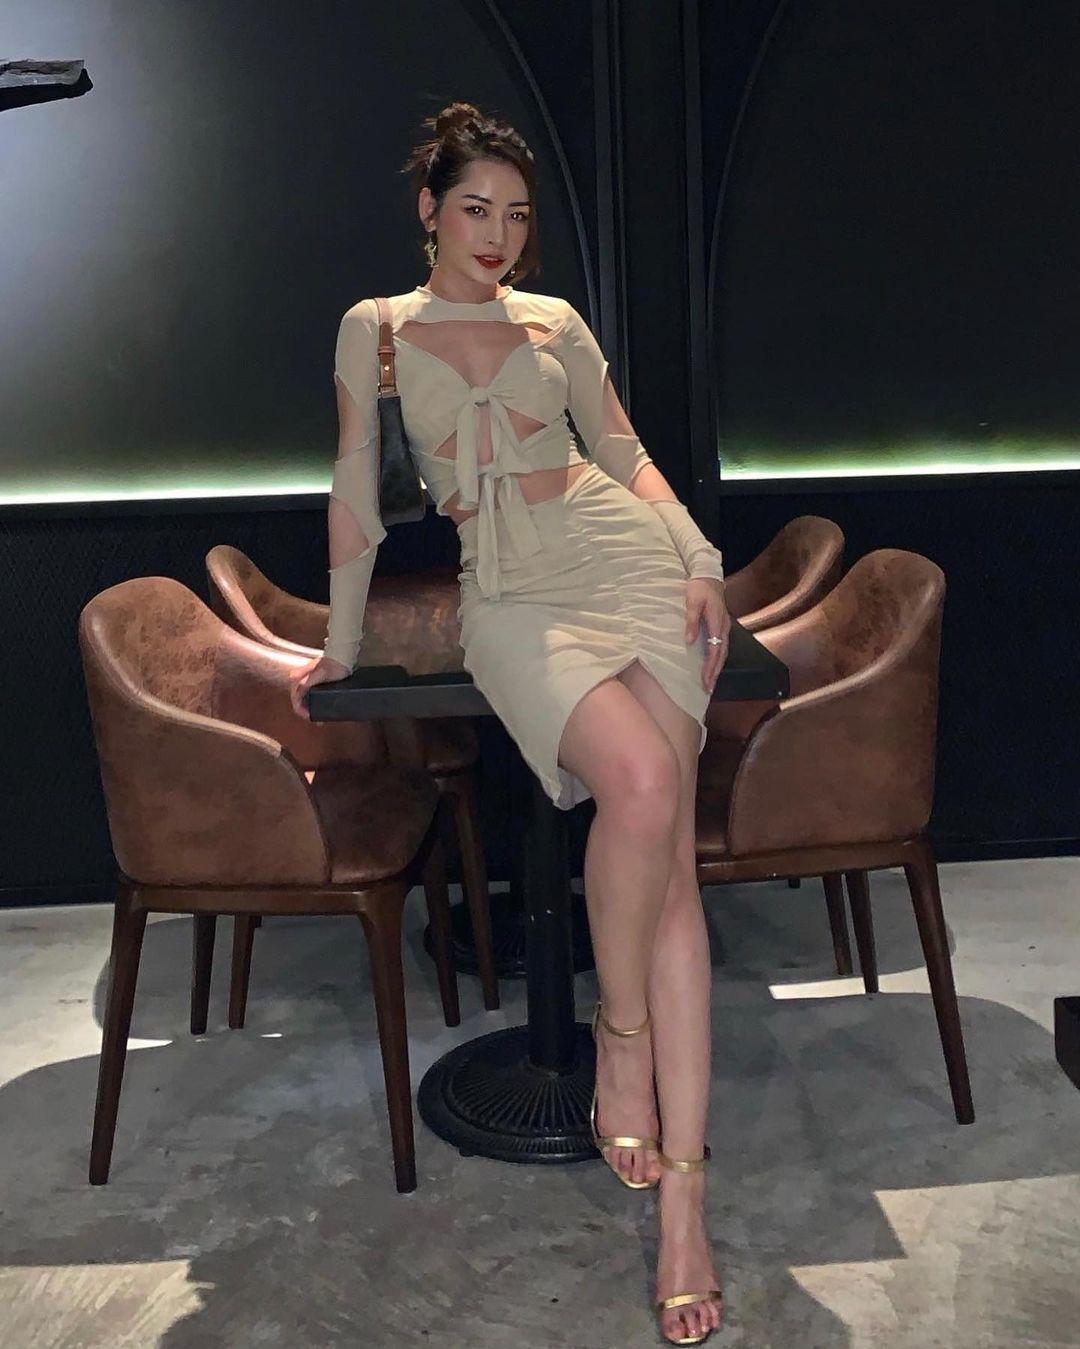 Váy áo local brand sao Việt vừa diện: Váy tiểu thư của Nhã Phương và váy chanh sả của Xoài Non đều chỉ hơn 2 triệu - Ảnh 4.